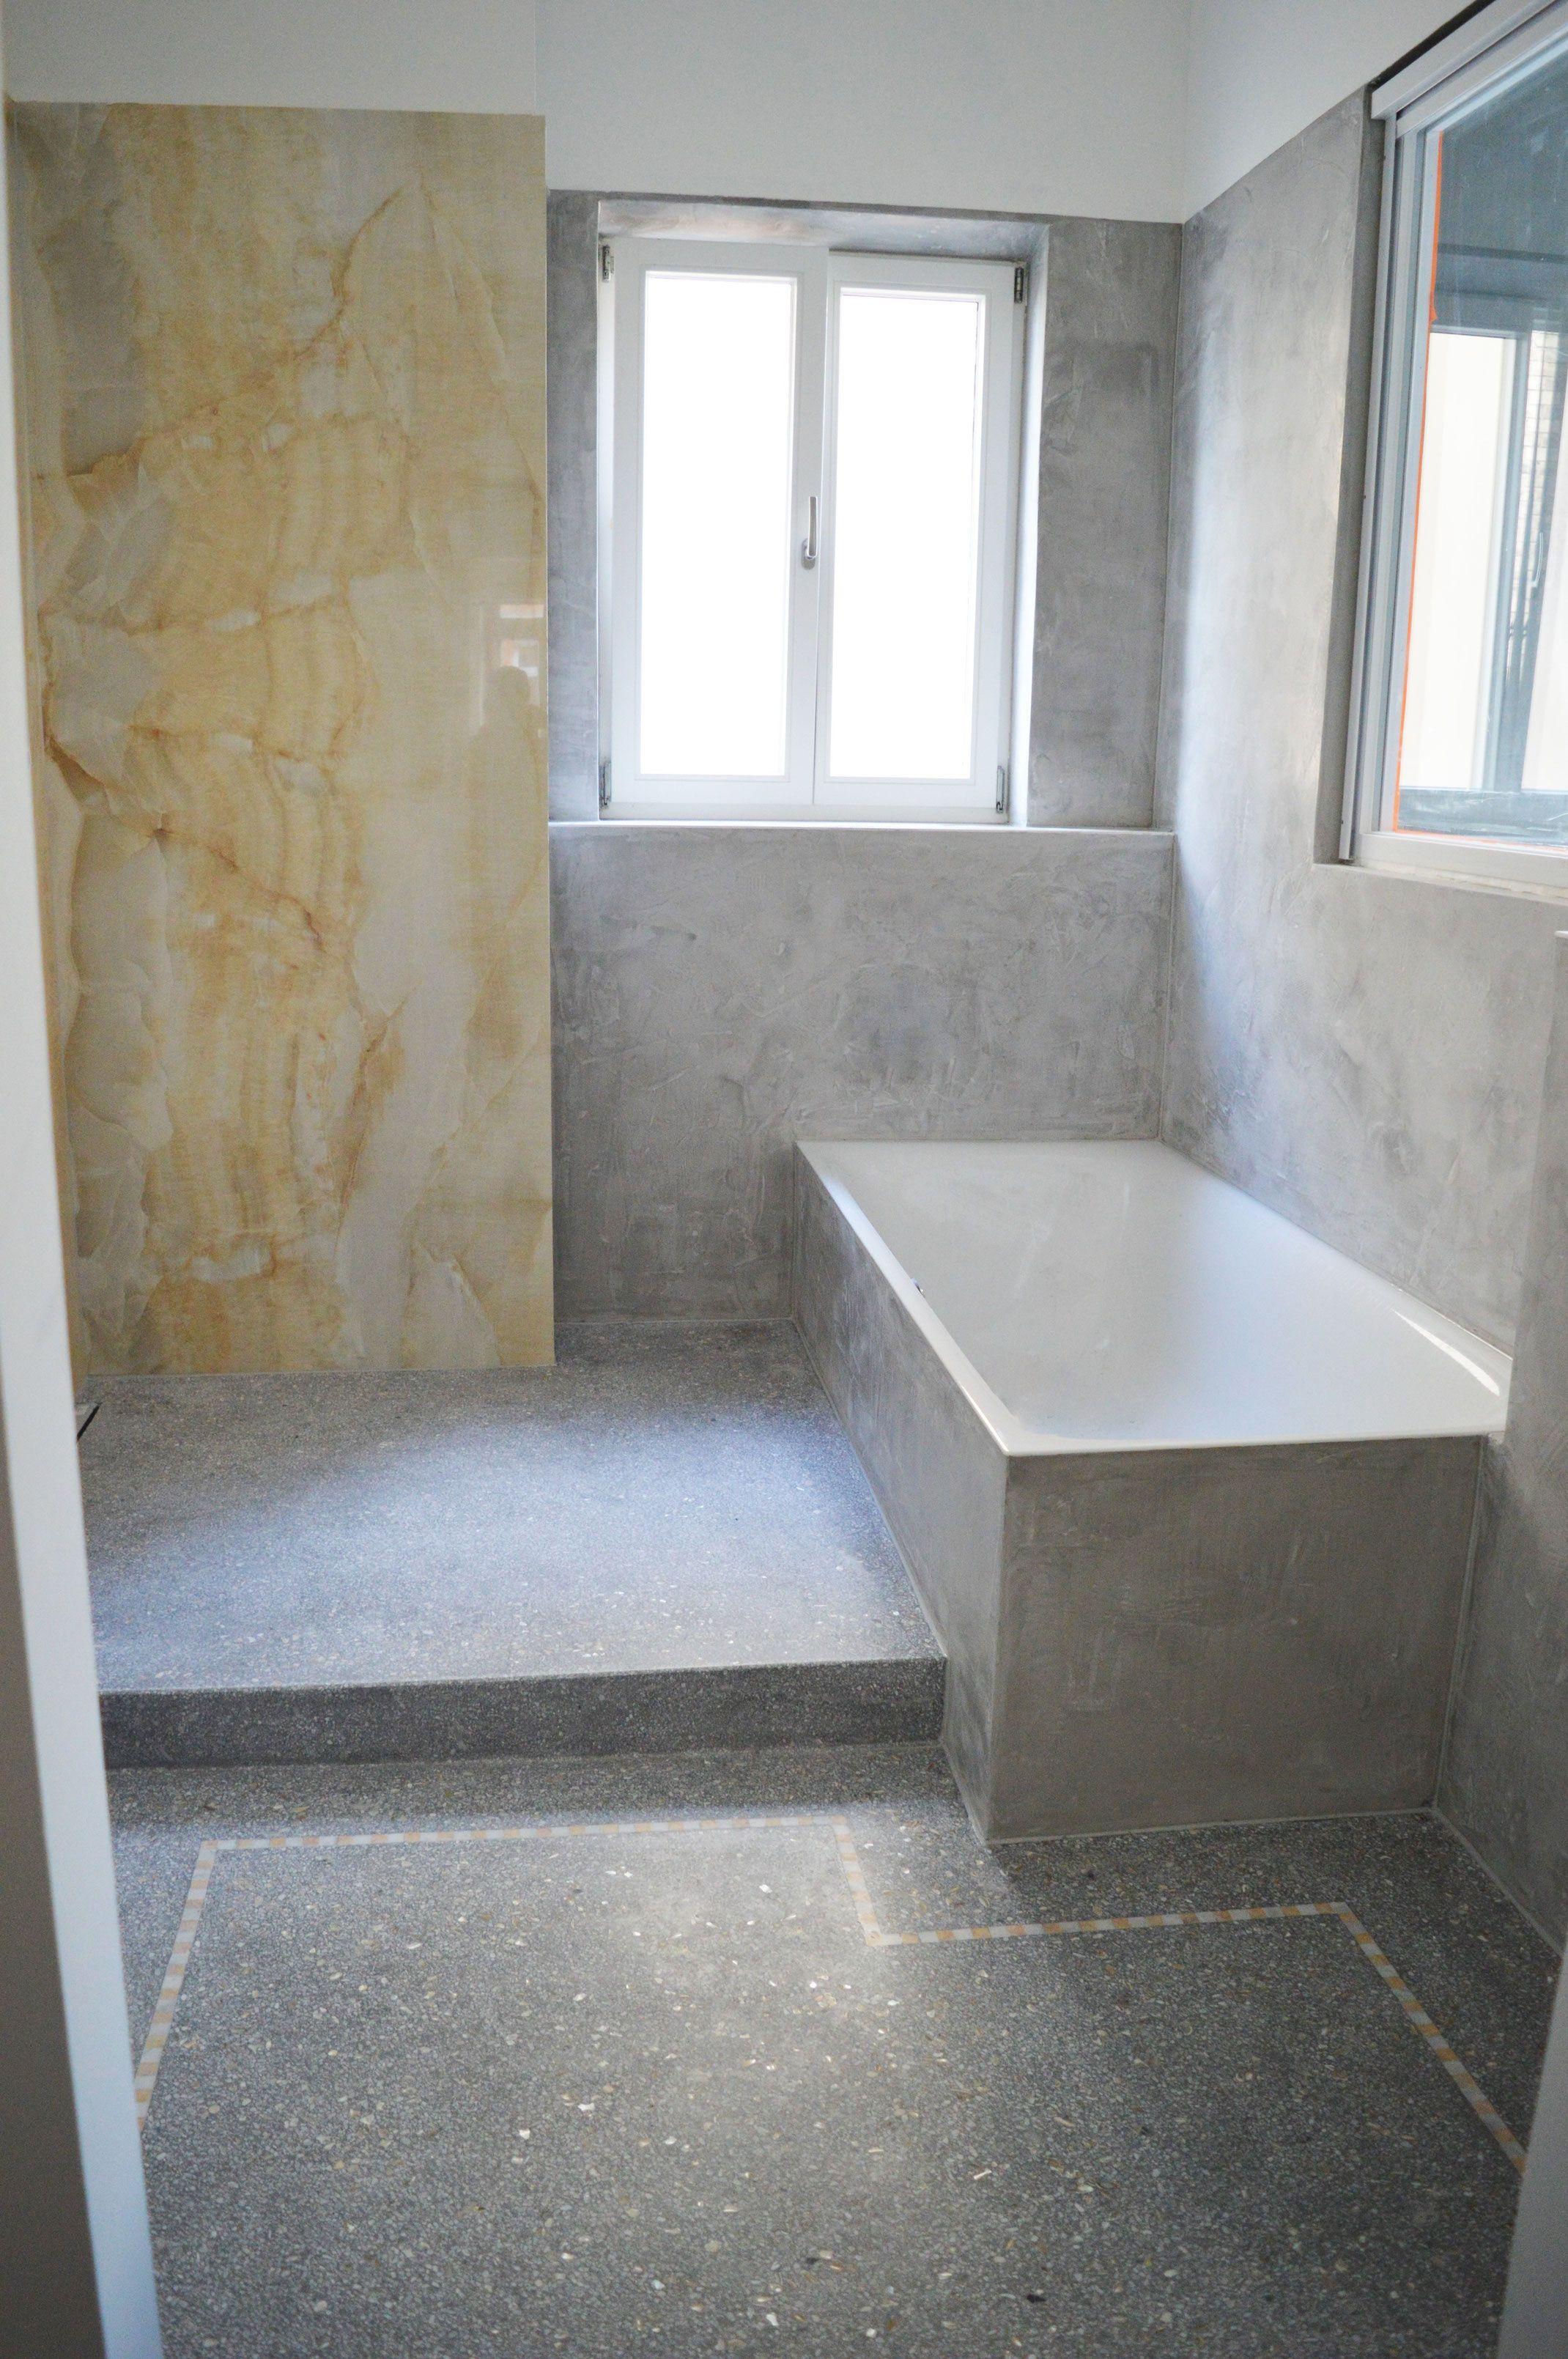 Das Wartungsfreie Fugenlose Badezimmer Terrazzoboden Badezimmer Baden Terrazzo